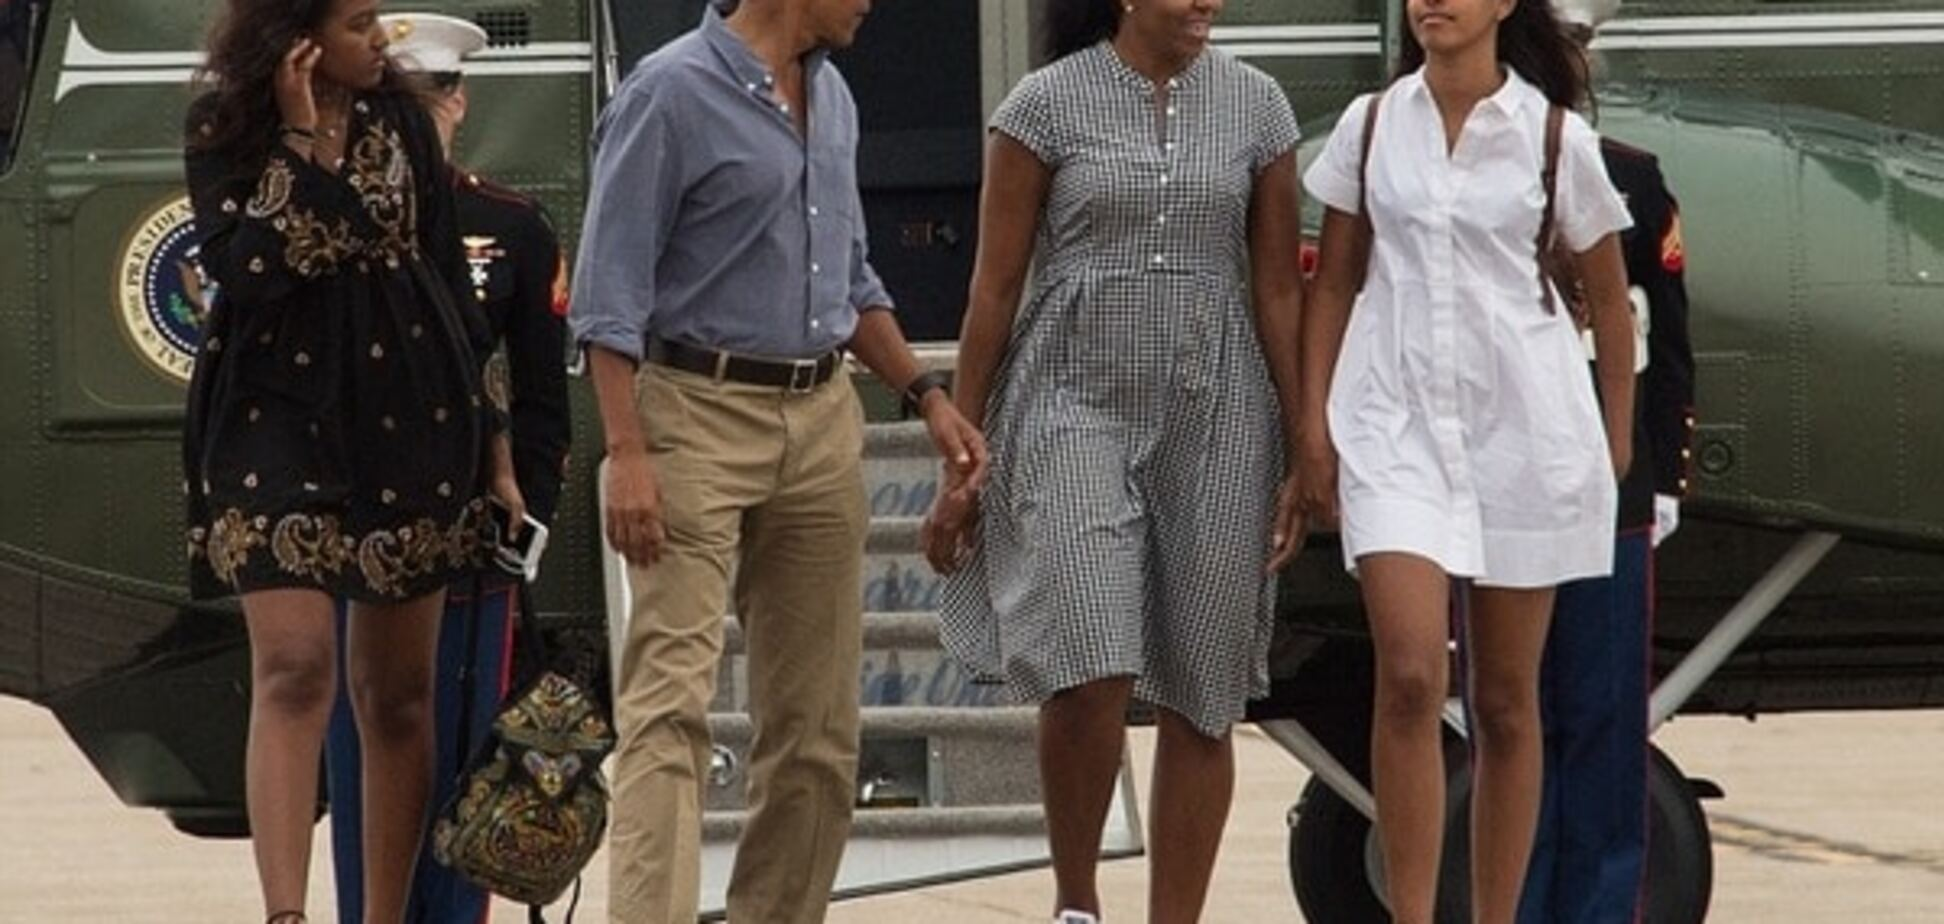 Саша, Барак, Мишель и Малия Обама